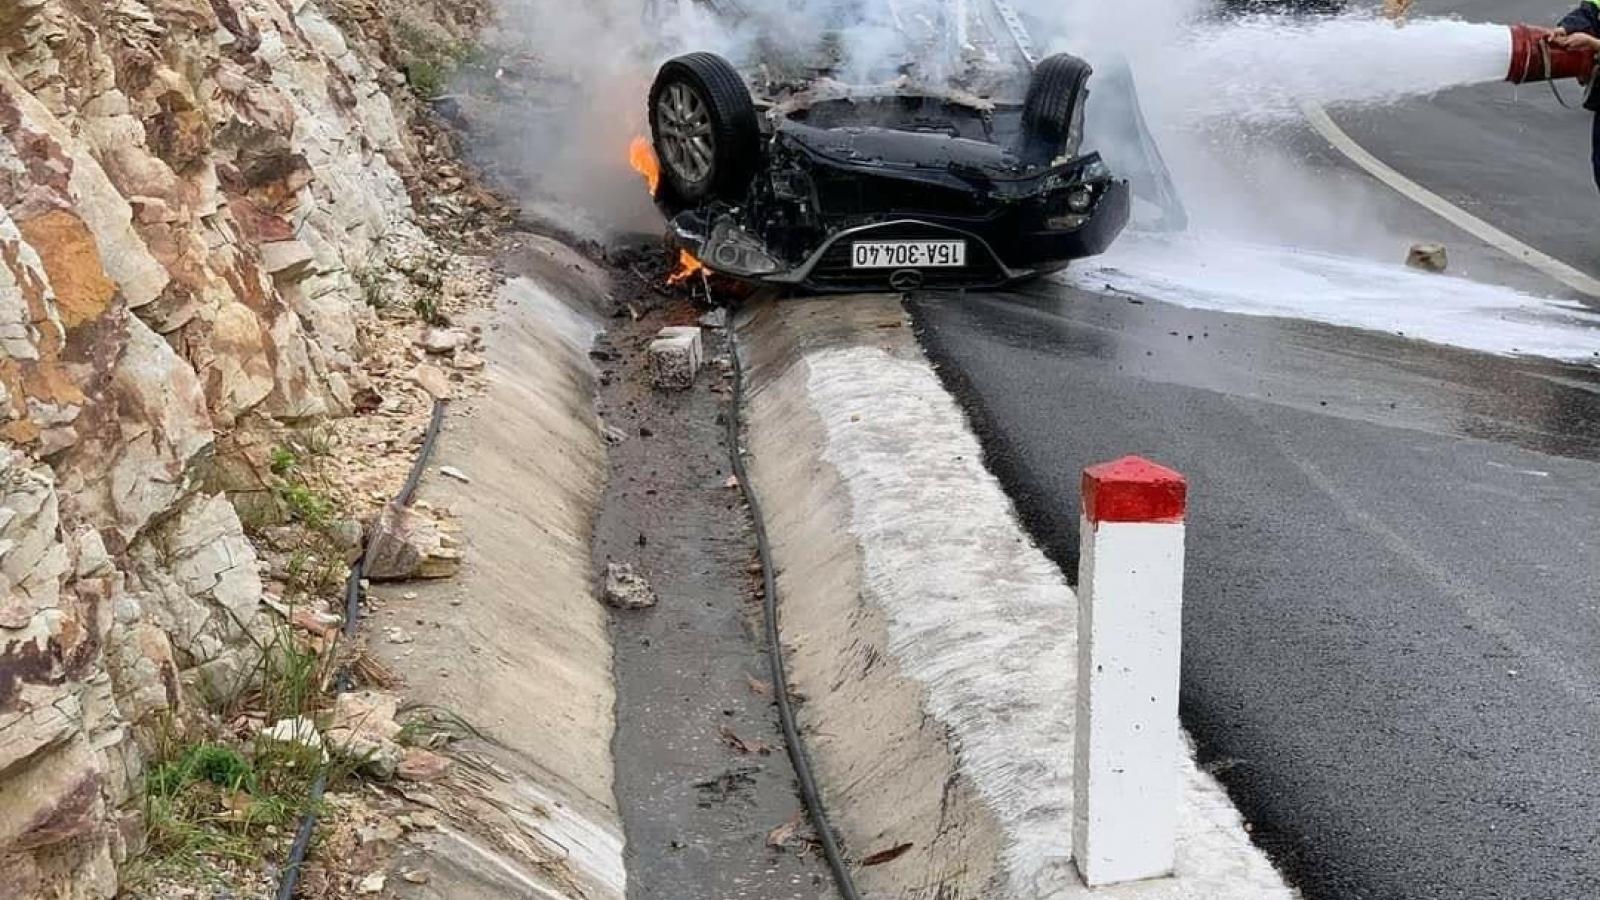 Ô tô mất lái đâm vào vách núi, 1 người thiệt mạng 2 người bị thương nặng